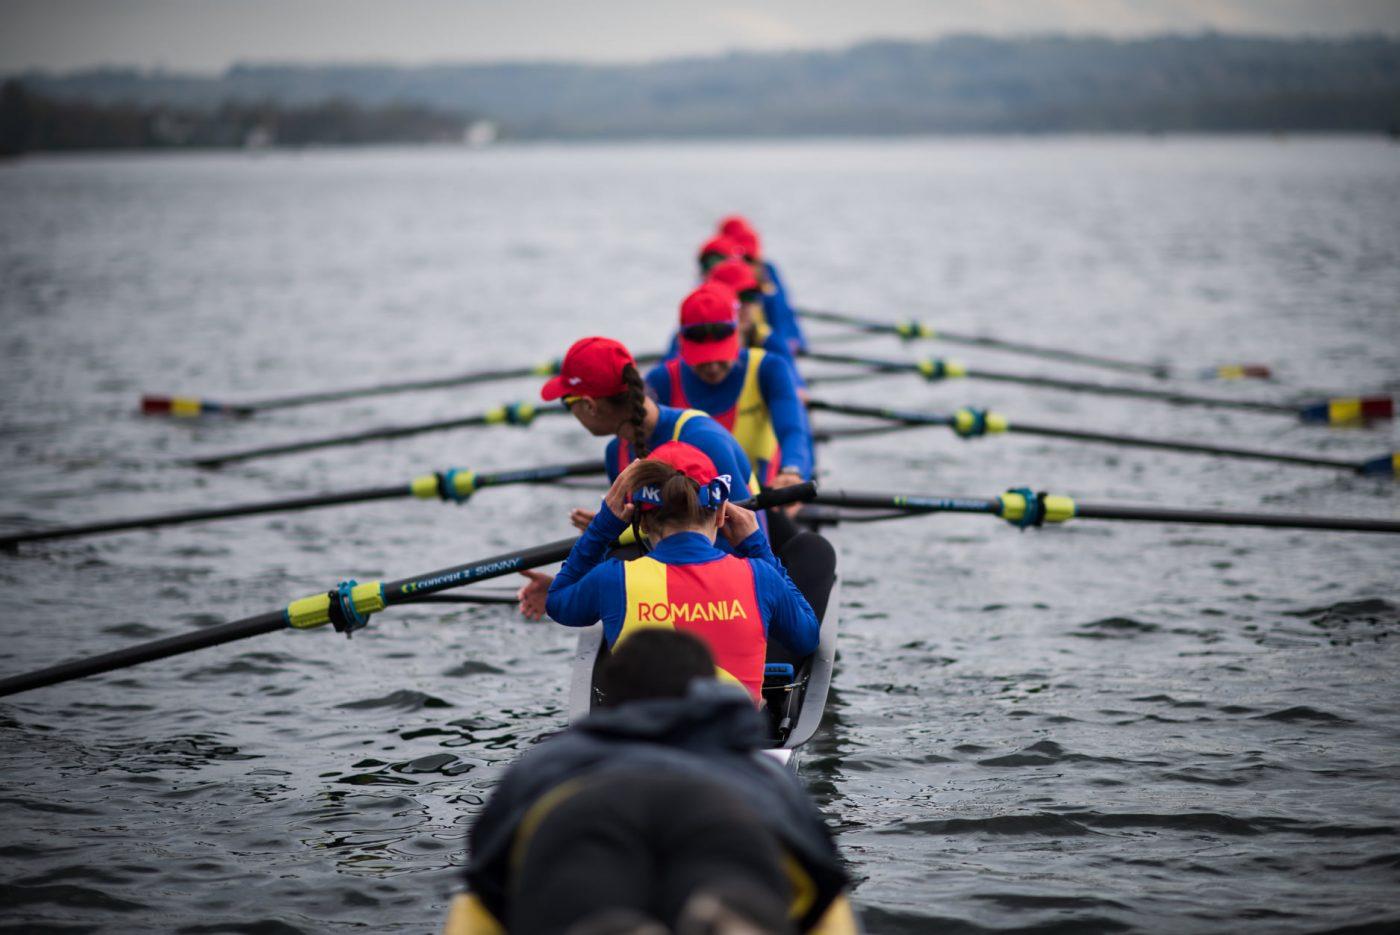 """România are deja o medalie la Campionatele Europene de Canotaj de la Varese. Gianina Beleagă a câștigat """"argintul"""" la simplu feminin, categoria ușoară. Urmează alte 8 finale"""